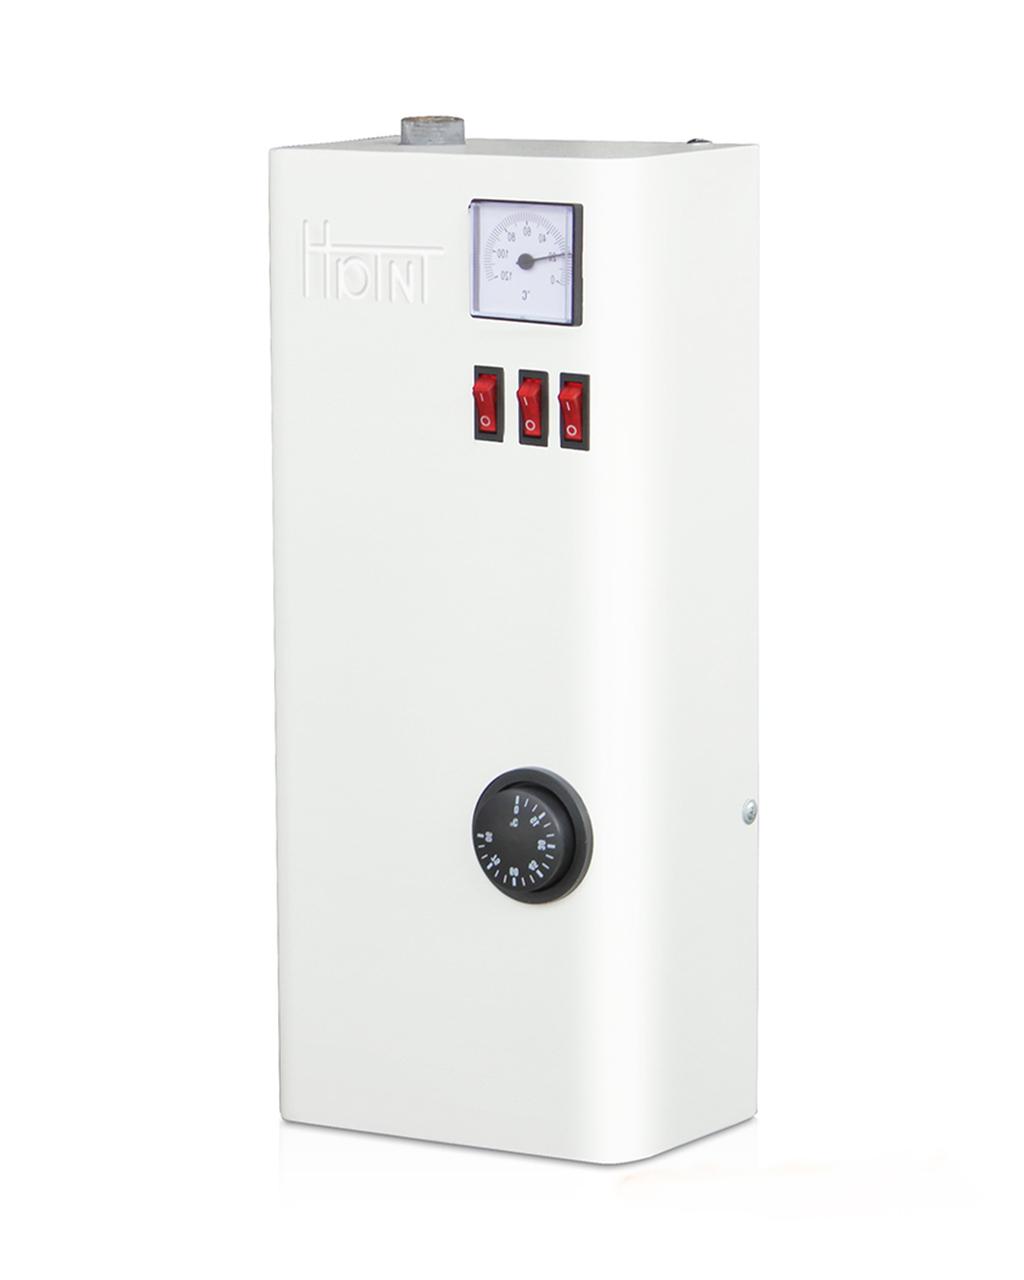 Электрический котел Титан Мини Люкс, 12 кВт 380 В